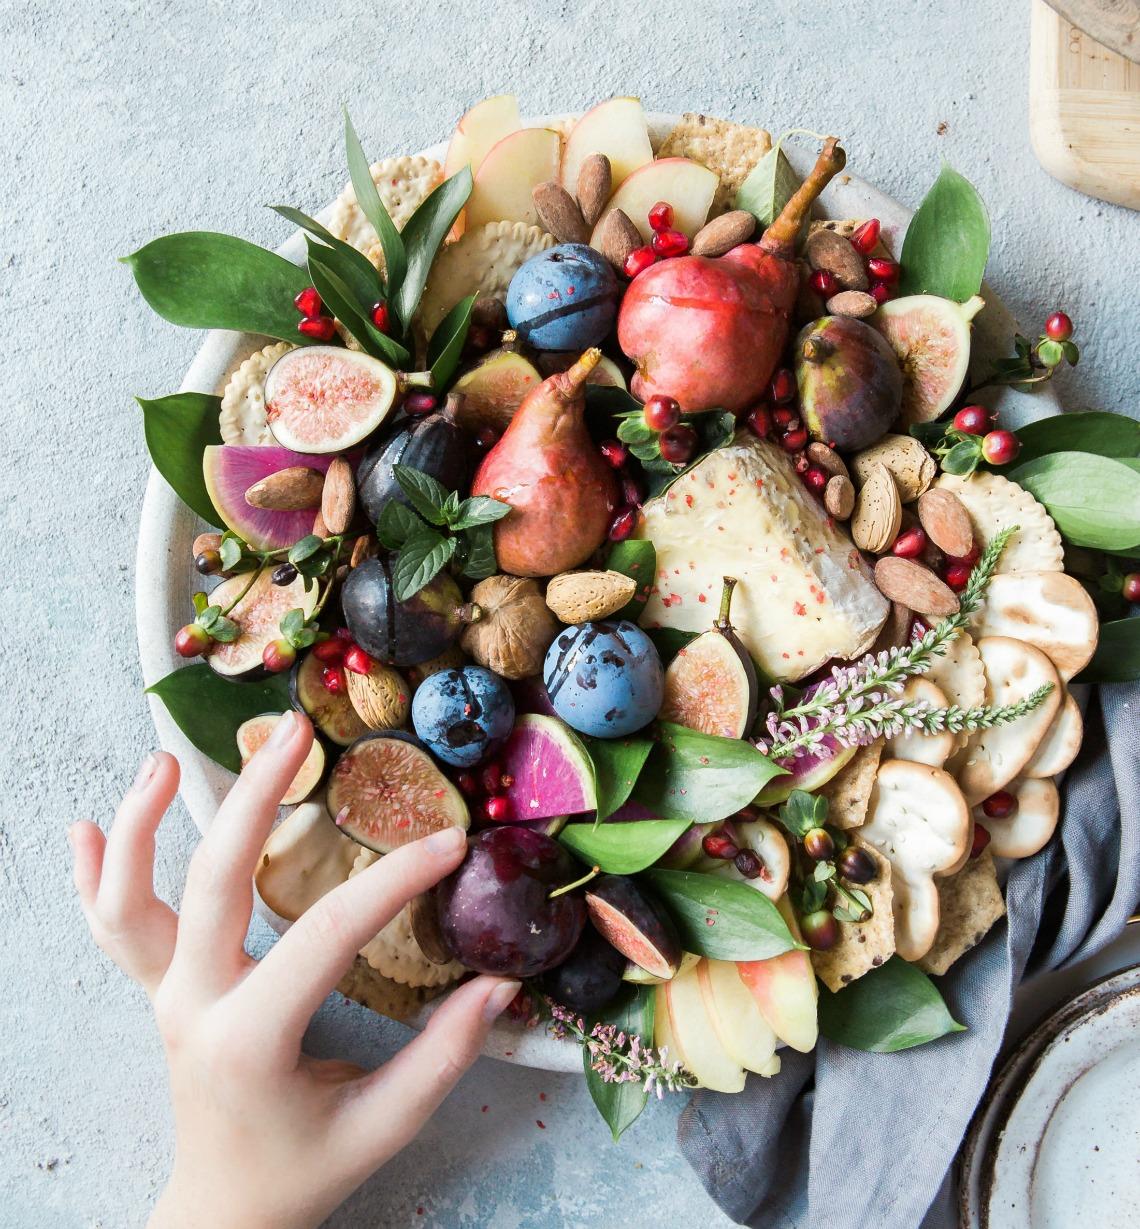 Gluten Free Mediterranean Diet Recipes